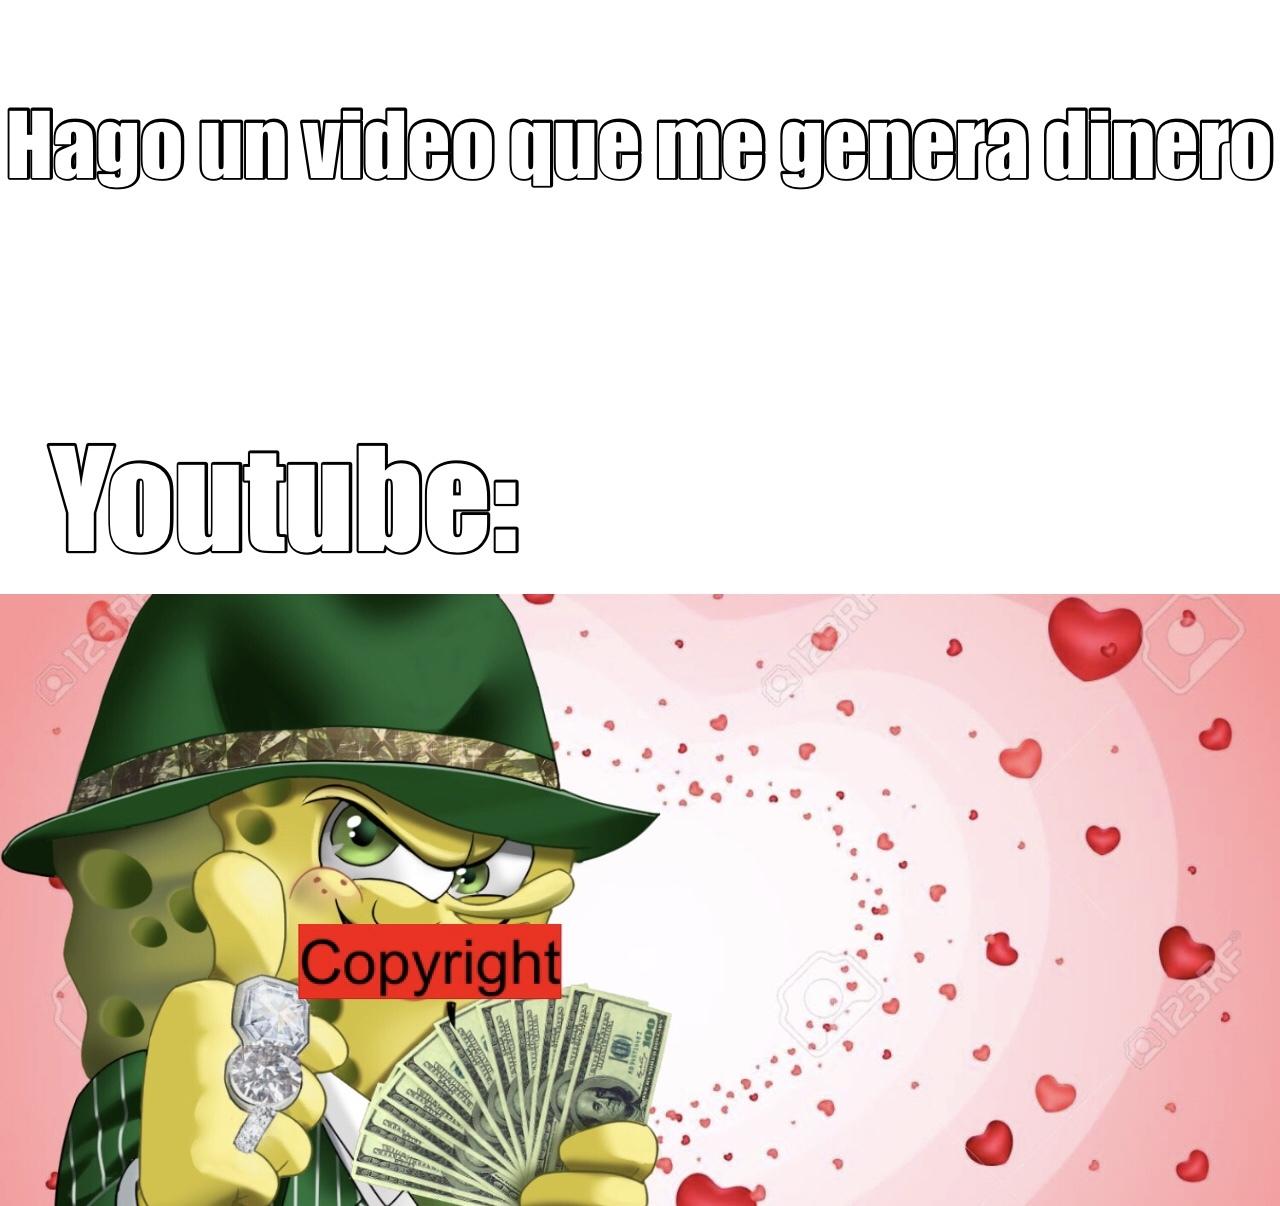 Yotave - meme